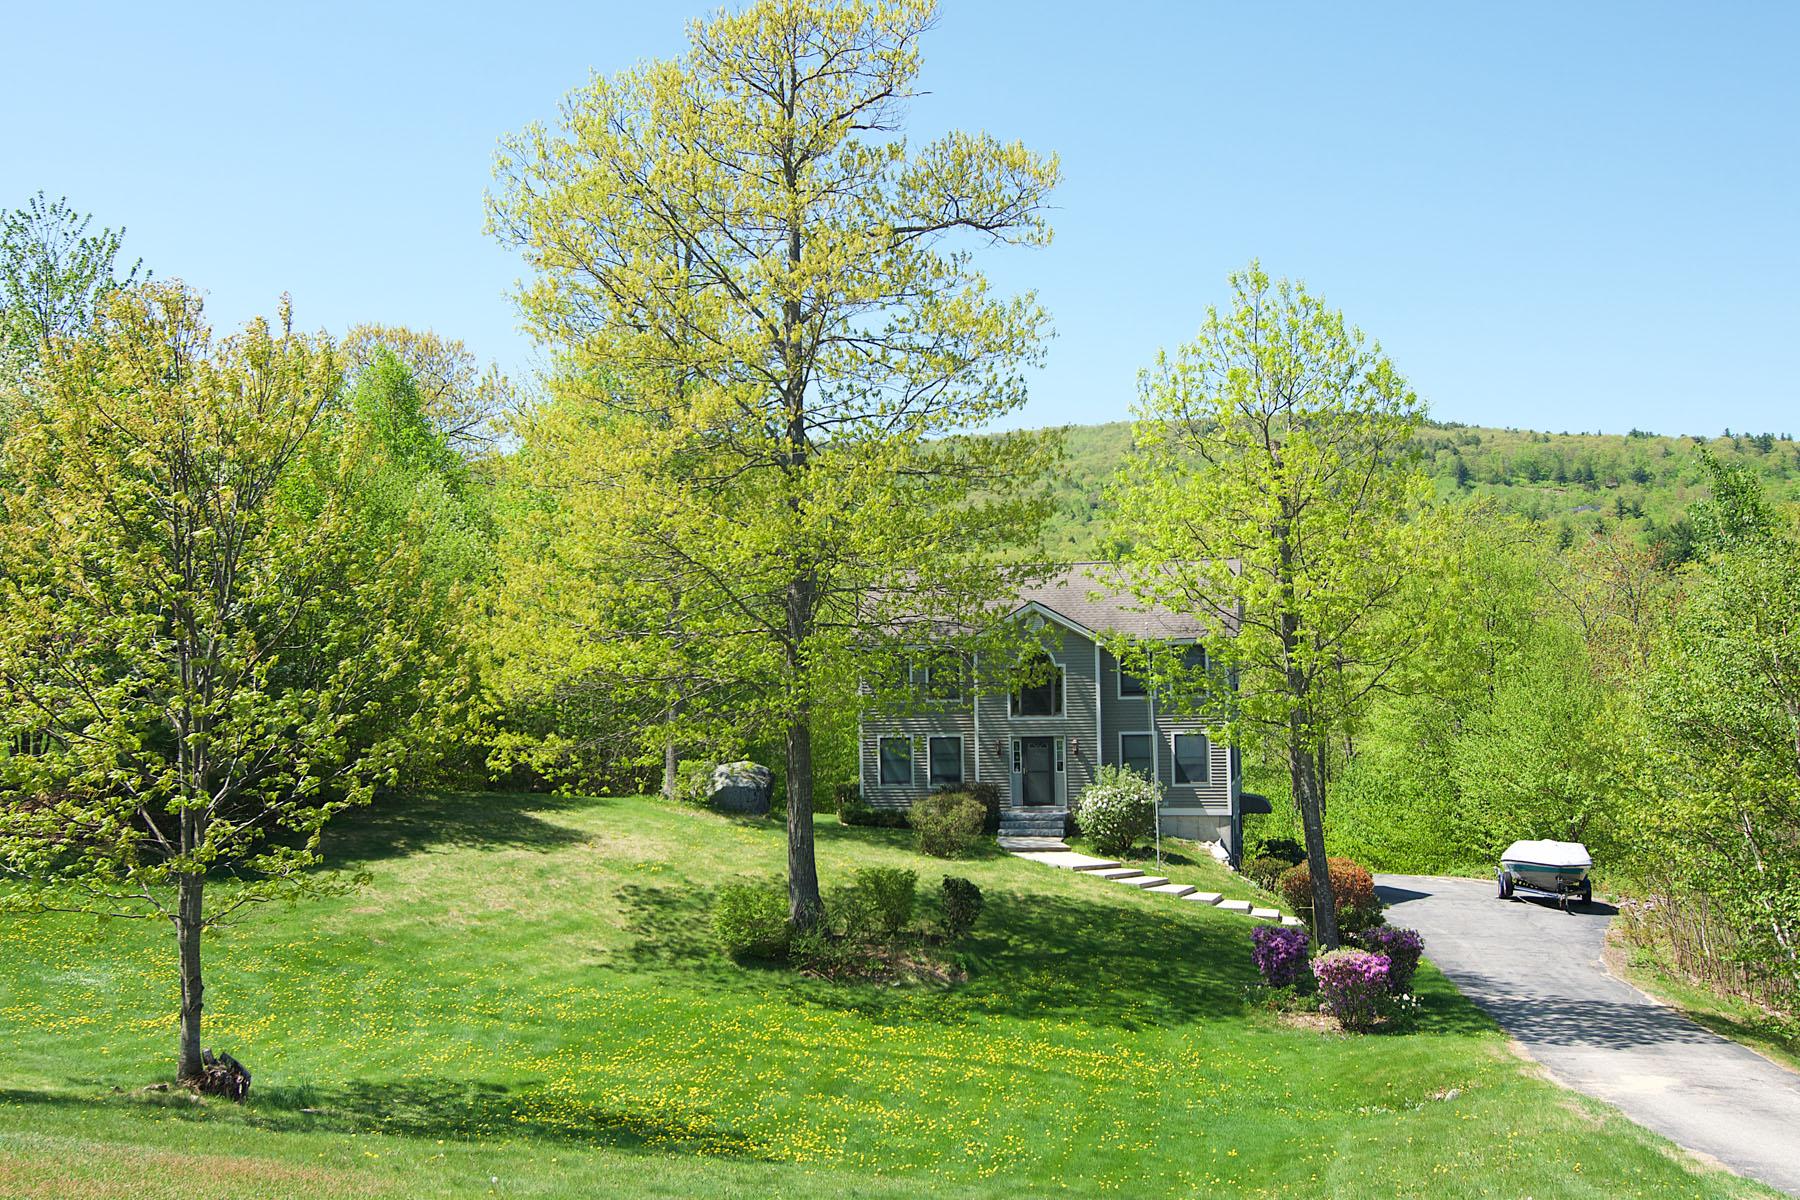 Maison unifamiliale pour l Vente à 74 Lakewood Drive, Alton Alton, New Hampshire, 03810 États-Unis